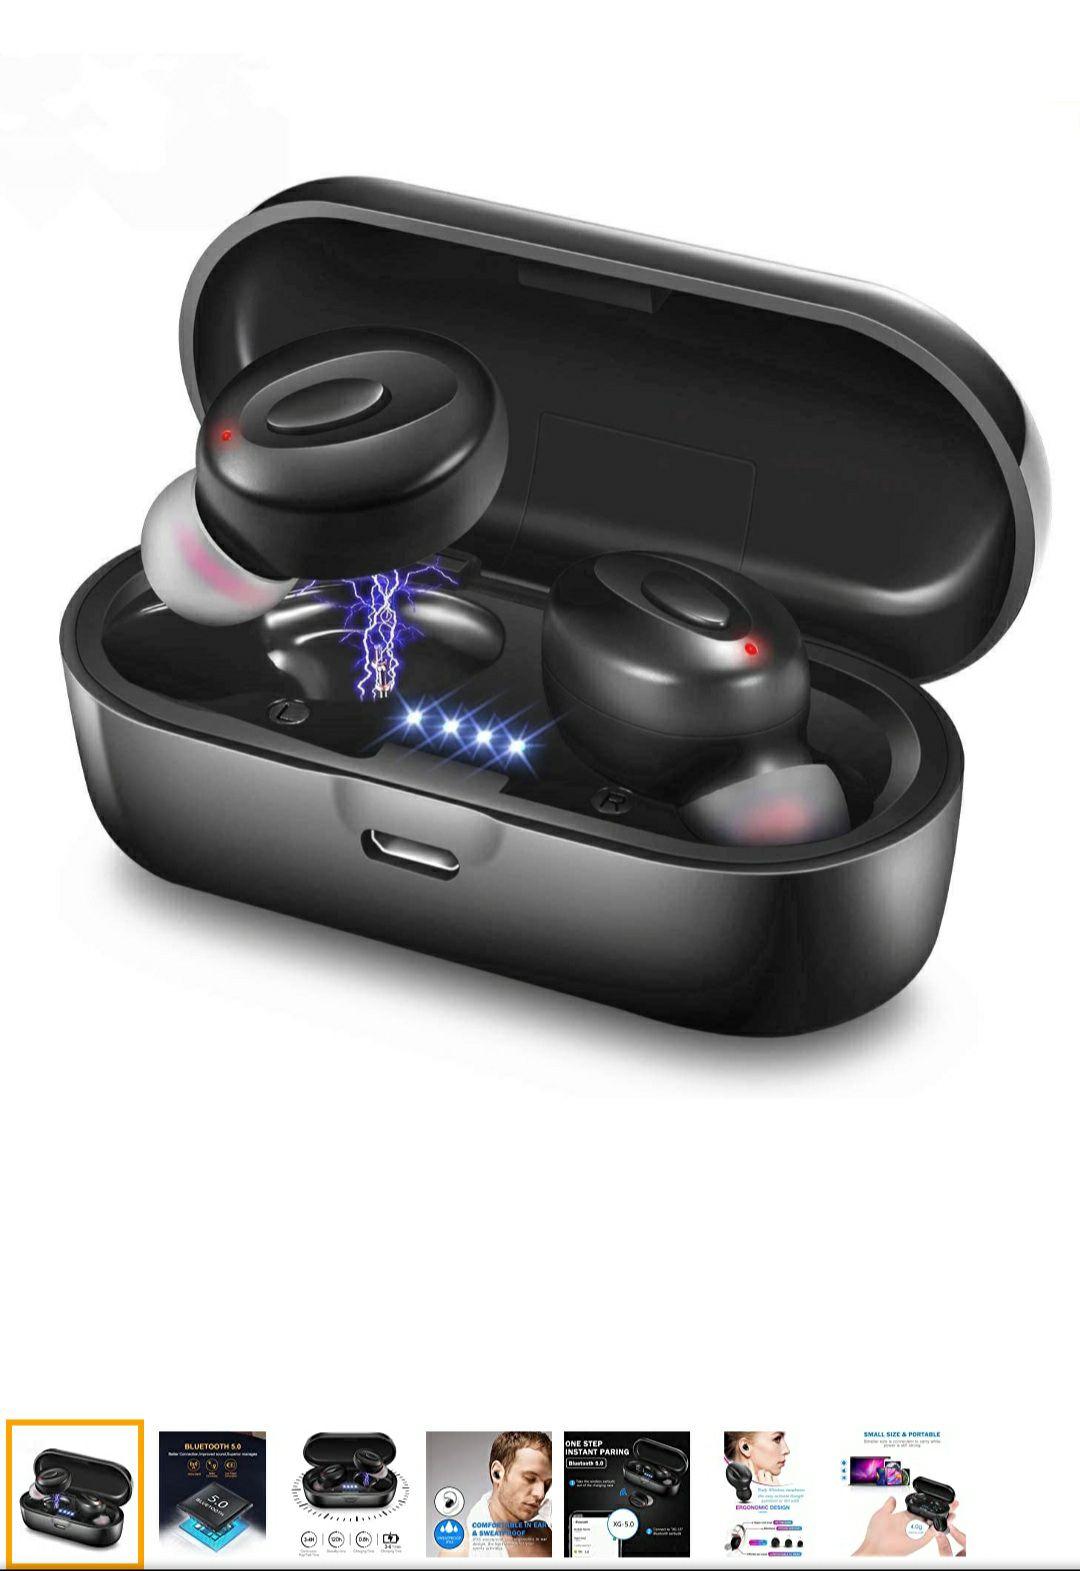 Écouteurs sans fil à suppression de bruit Heropi - Bluetooth (Vendeur tiers)